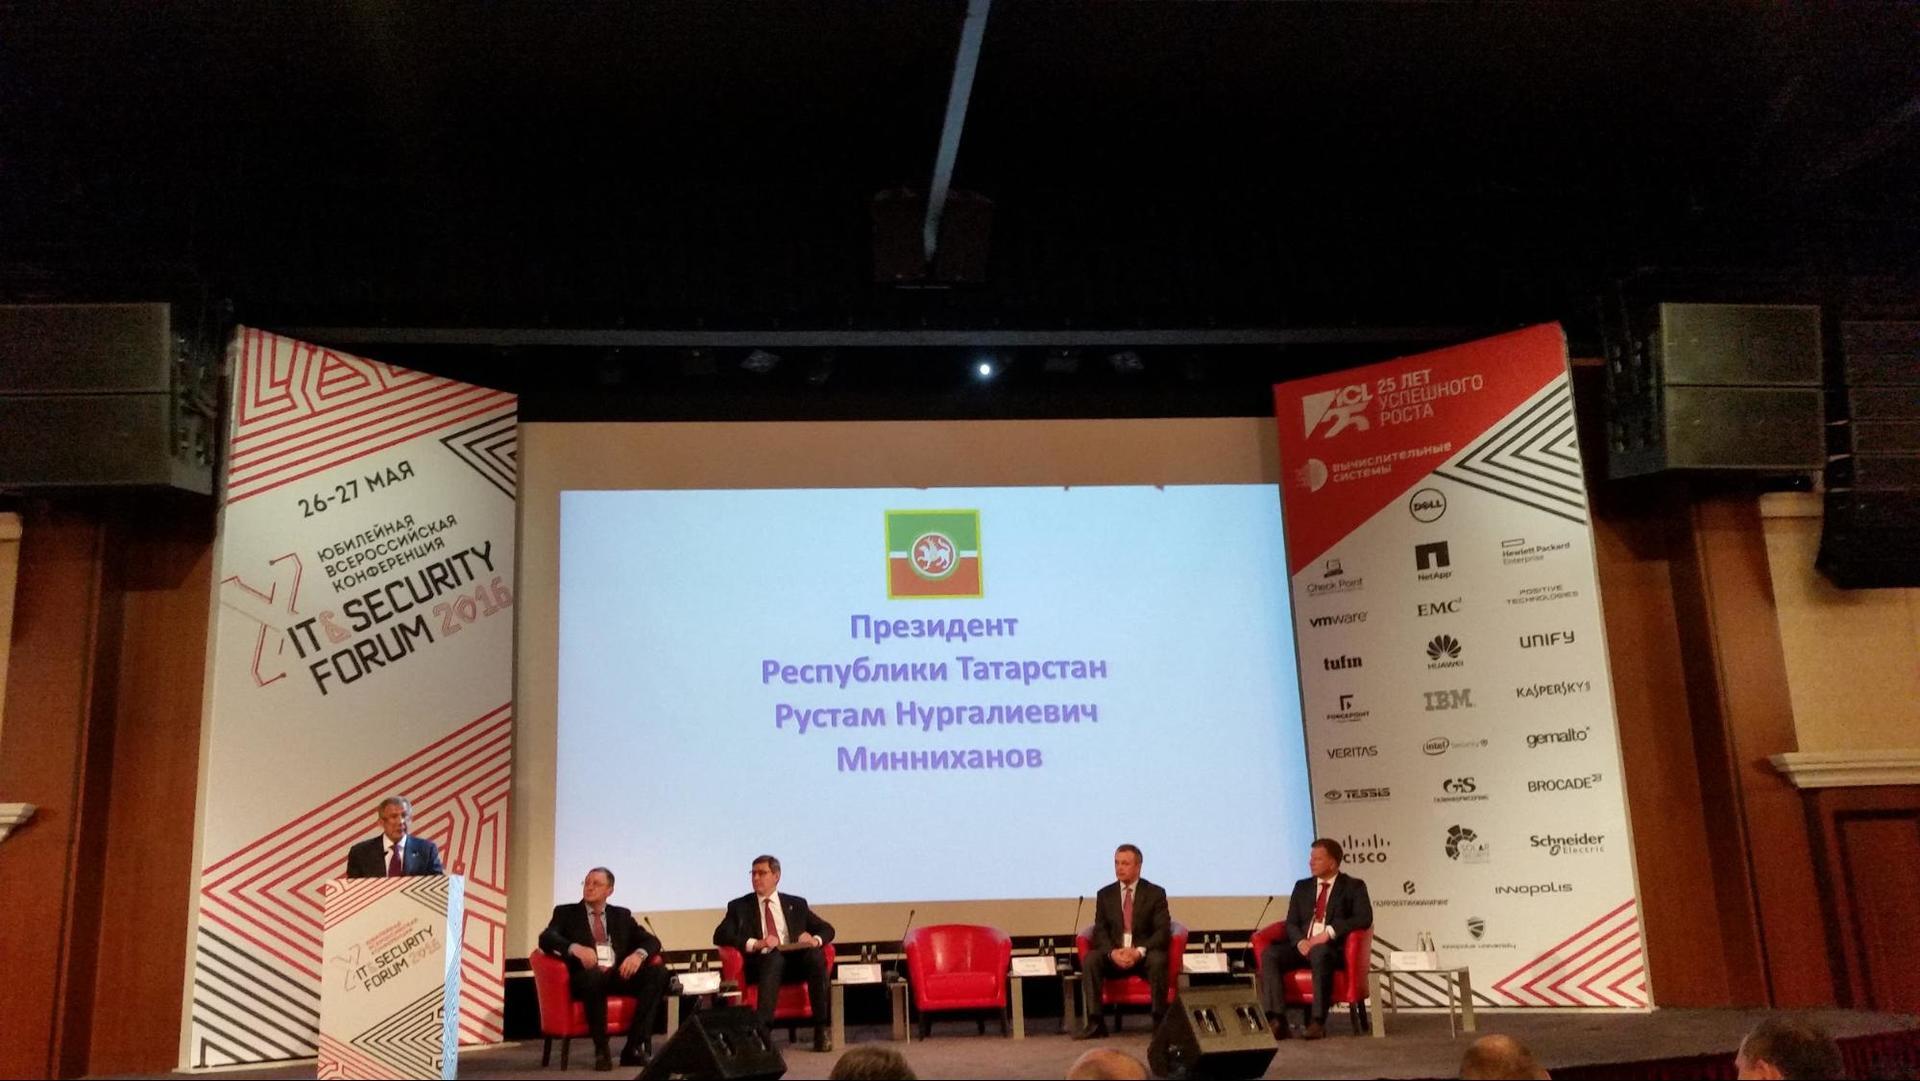 Завершился IT & Security Forum 2016 - 3